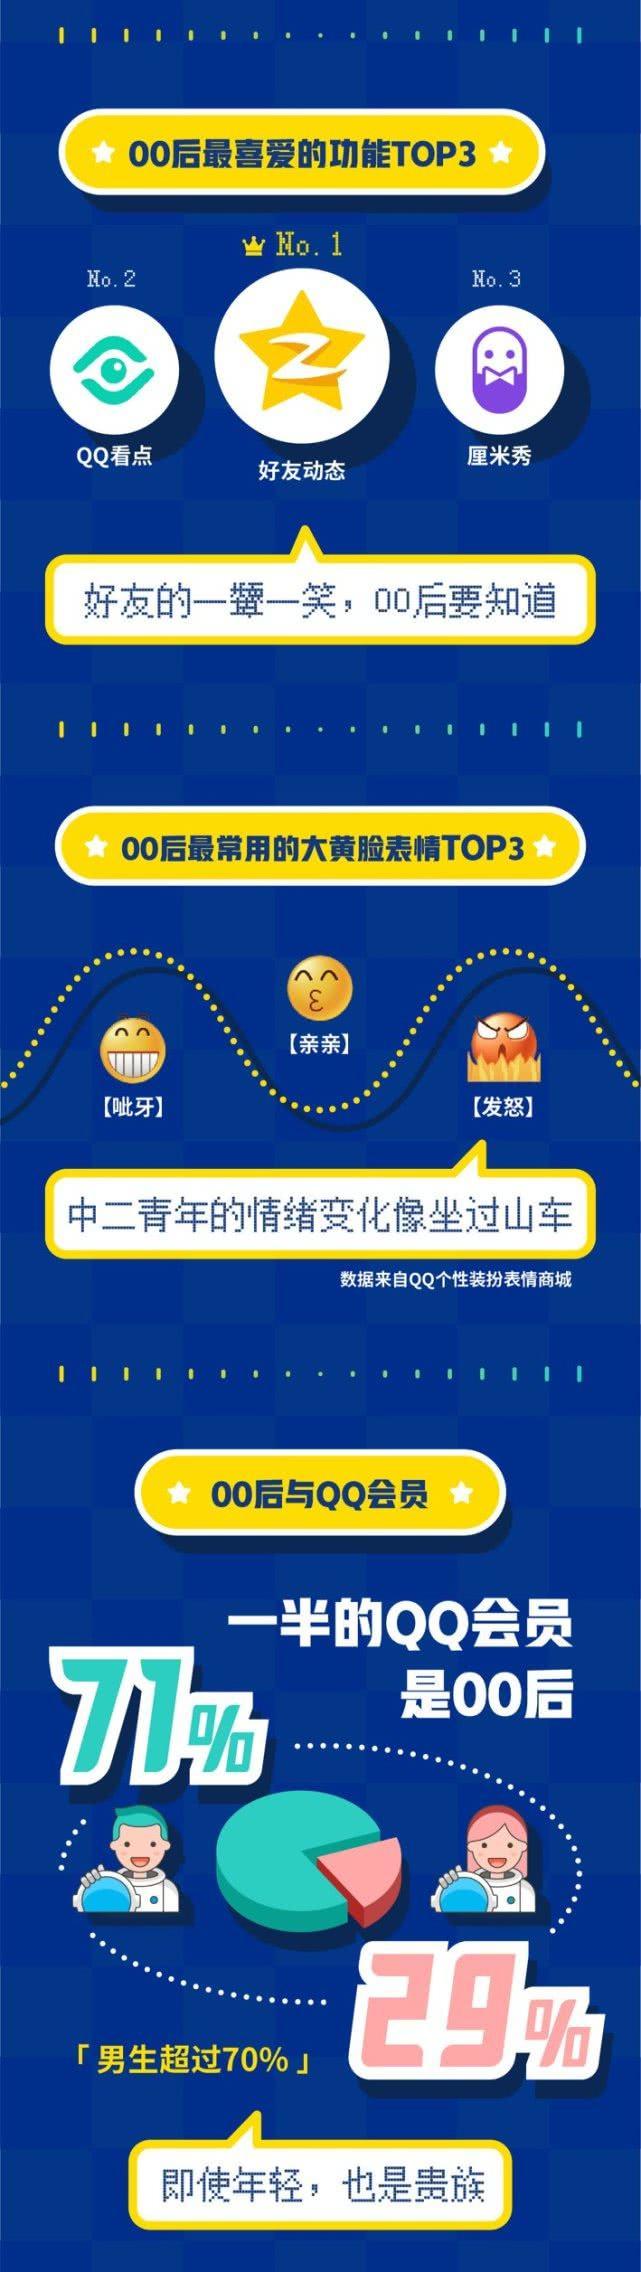 腾讯发布《00后在QQ:2019 00后用户社交行为数据报告》